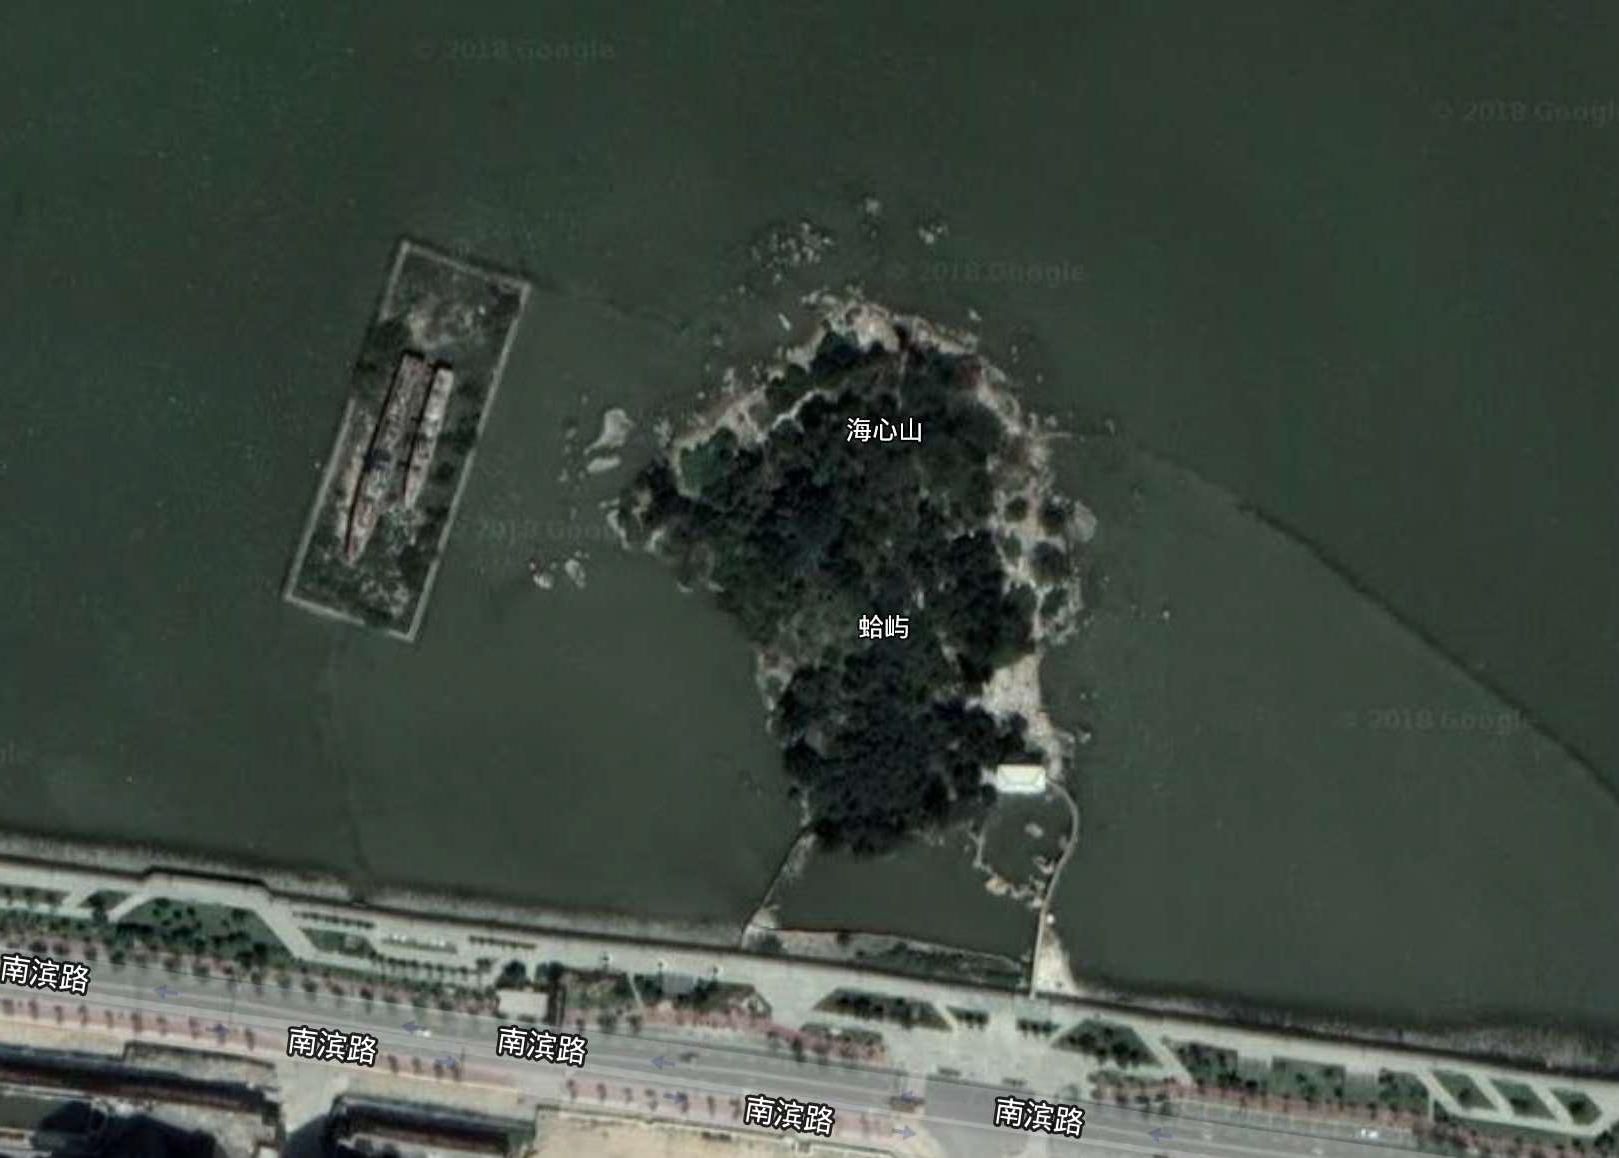 037猎潜艇-668-汶川-广东汕头蛤屿鸡心屿-1.jpg